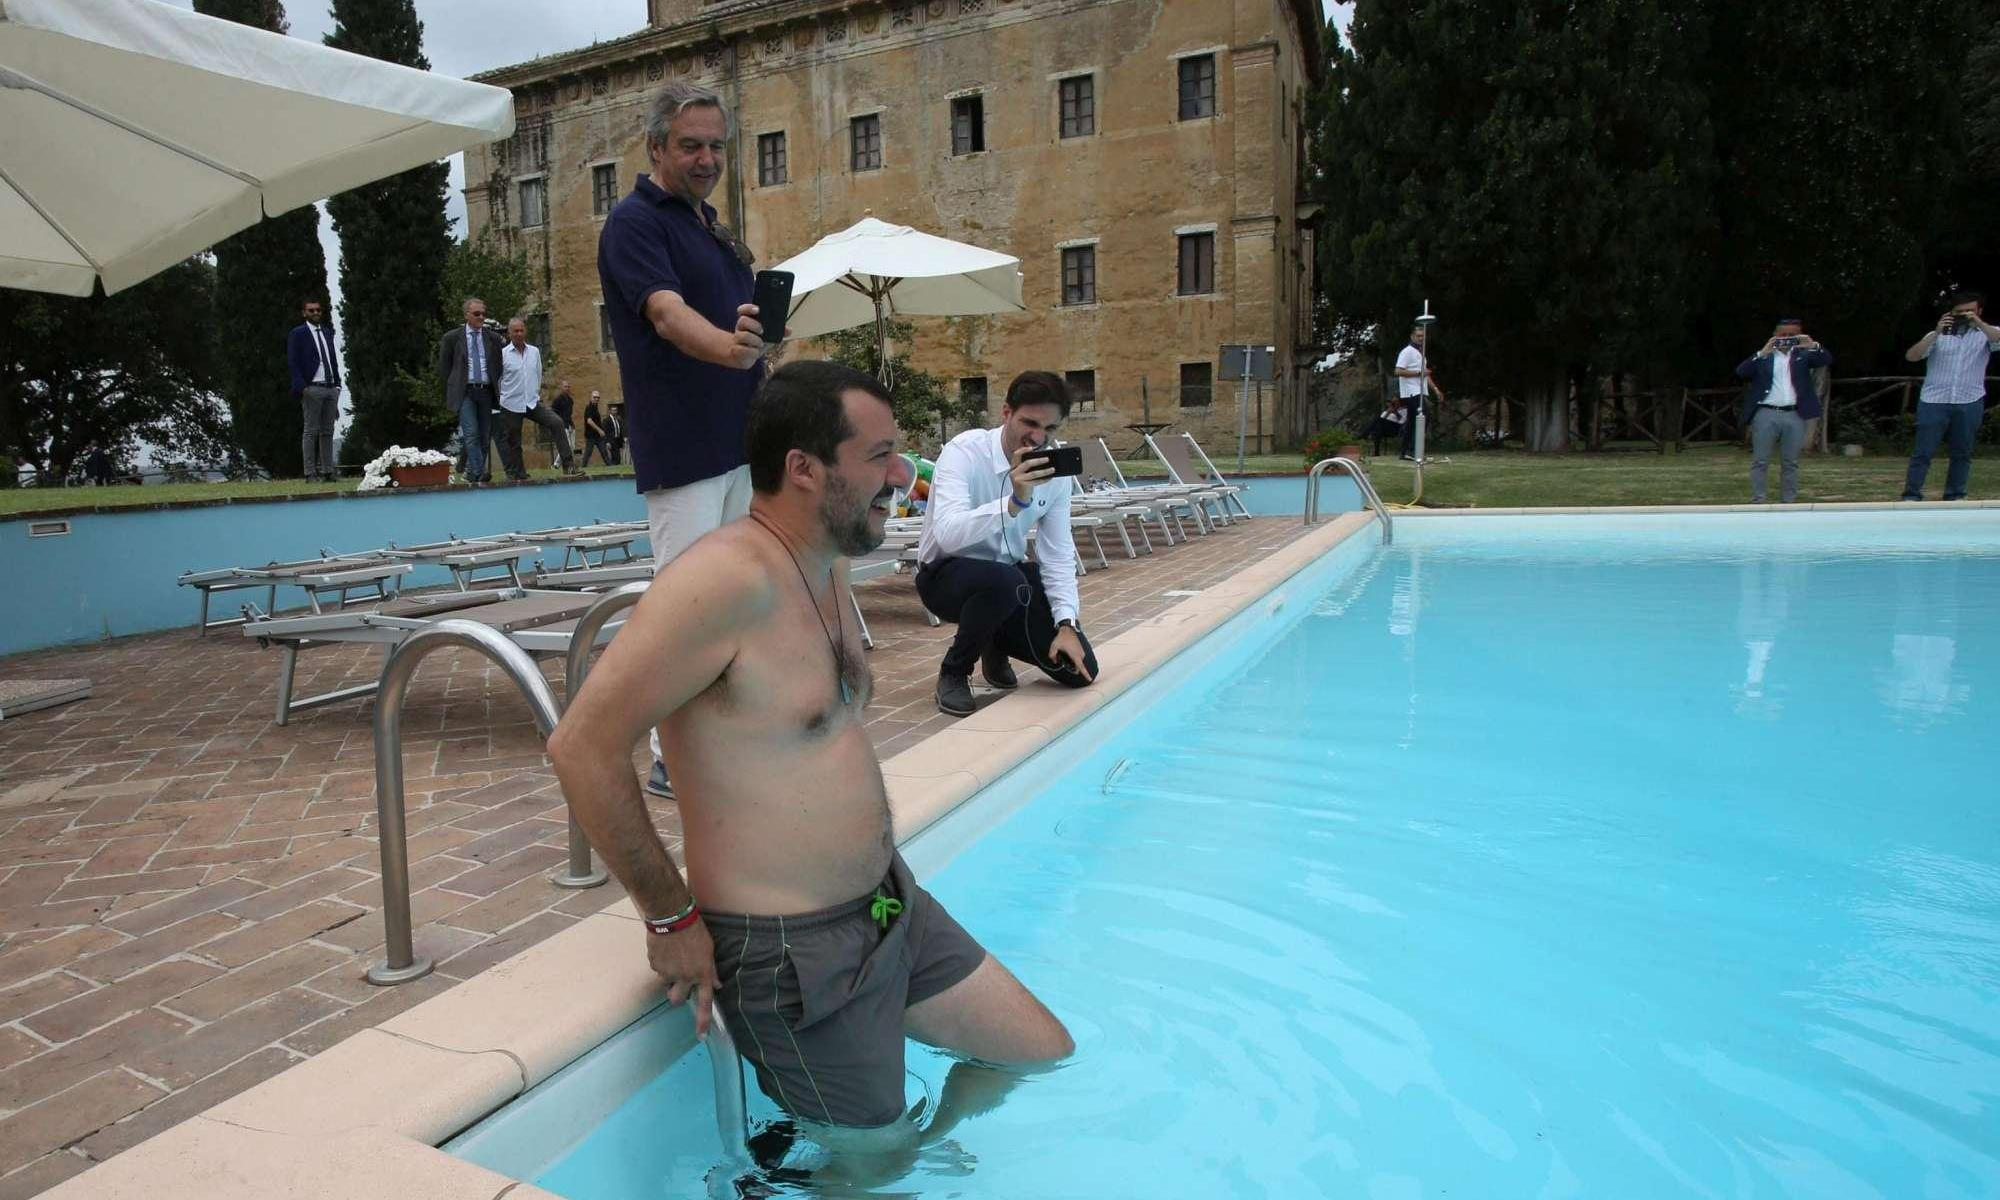 """Siena, Salvini fa il bagno in una piscina confiscata alla mafia: """"Cari mafiosi è finita la pacchia, anche per voi"""""""